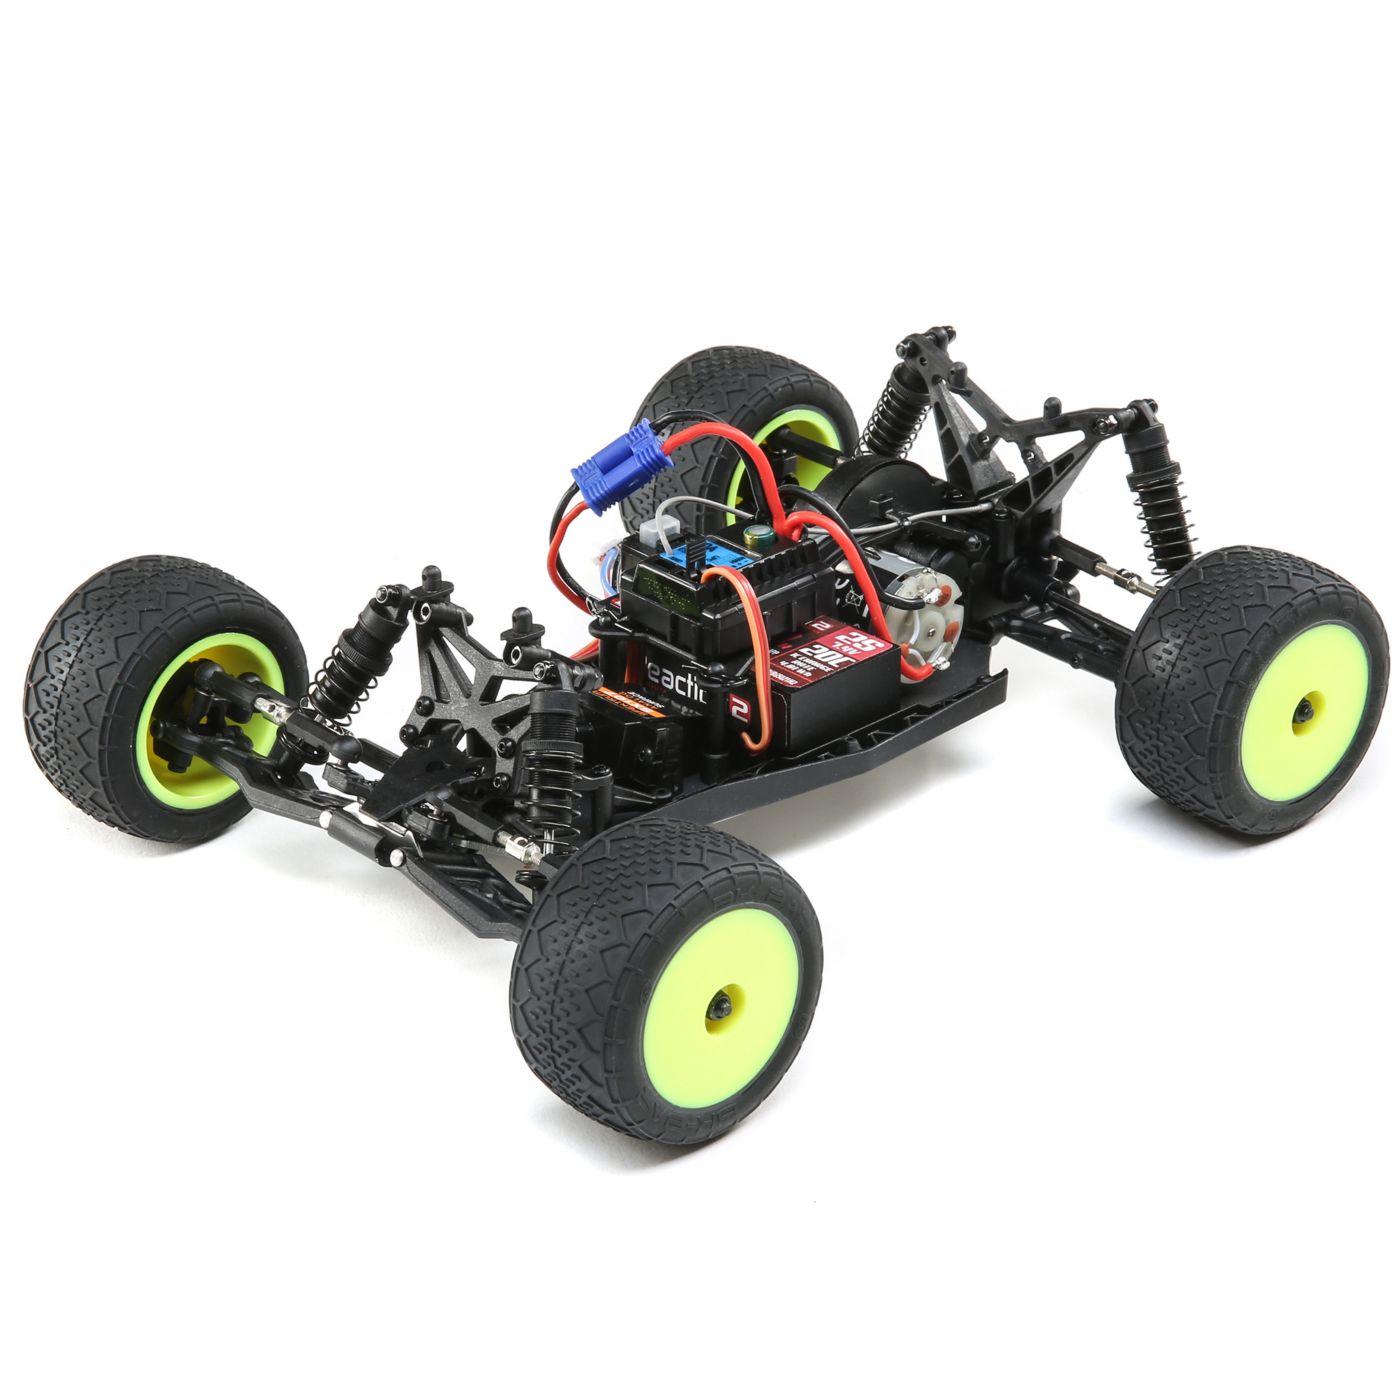 Losi Mini-T 2.0 - Chassis